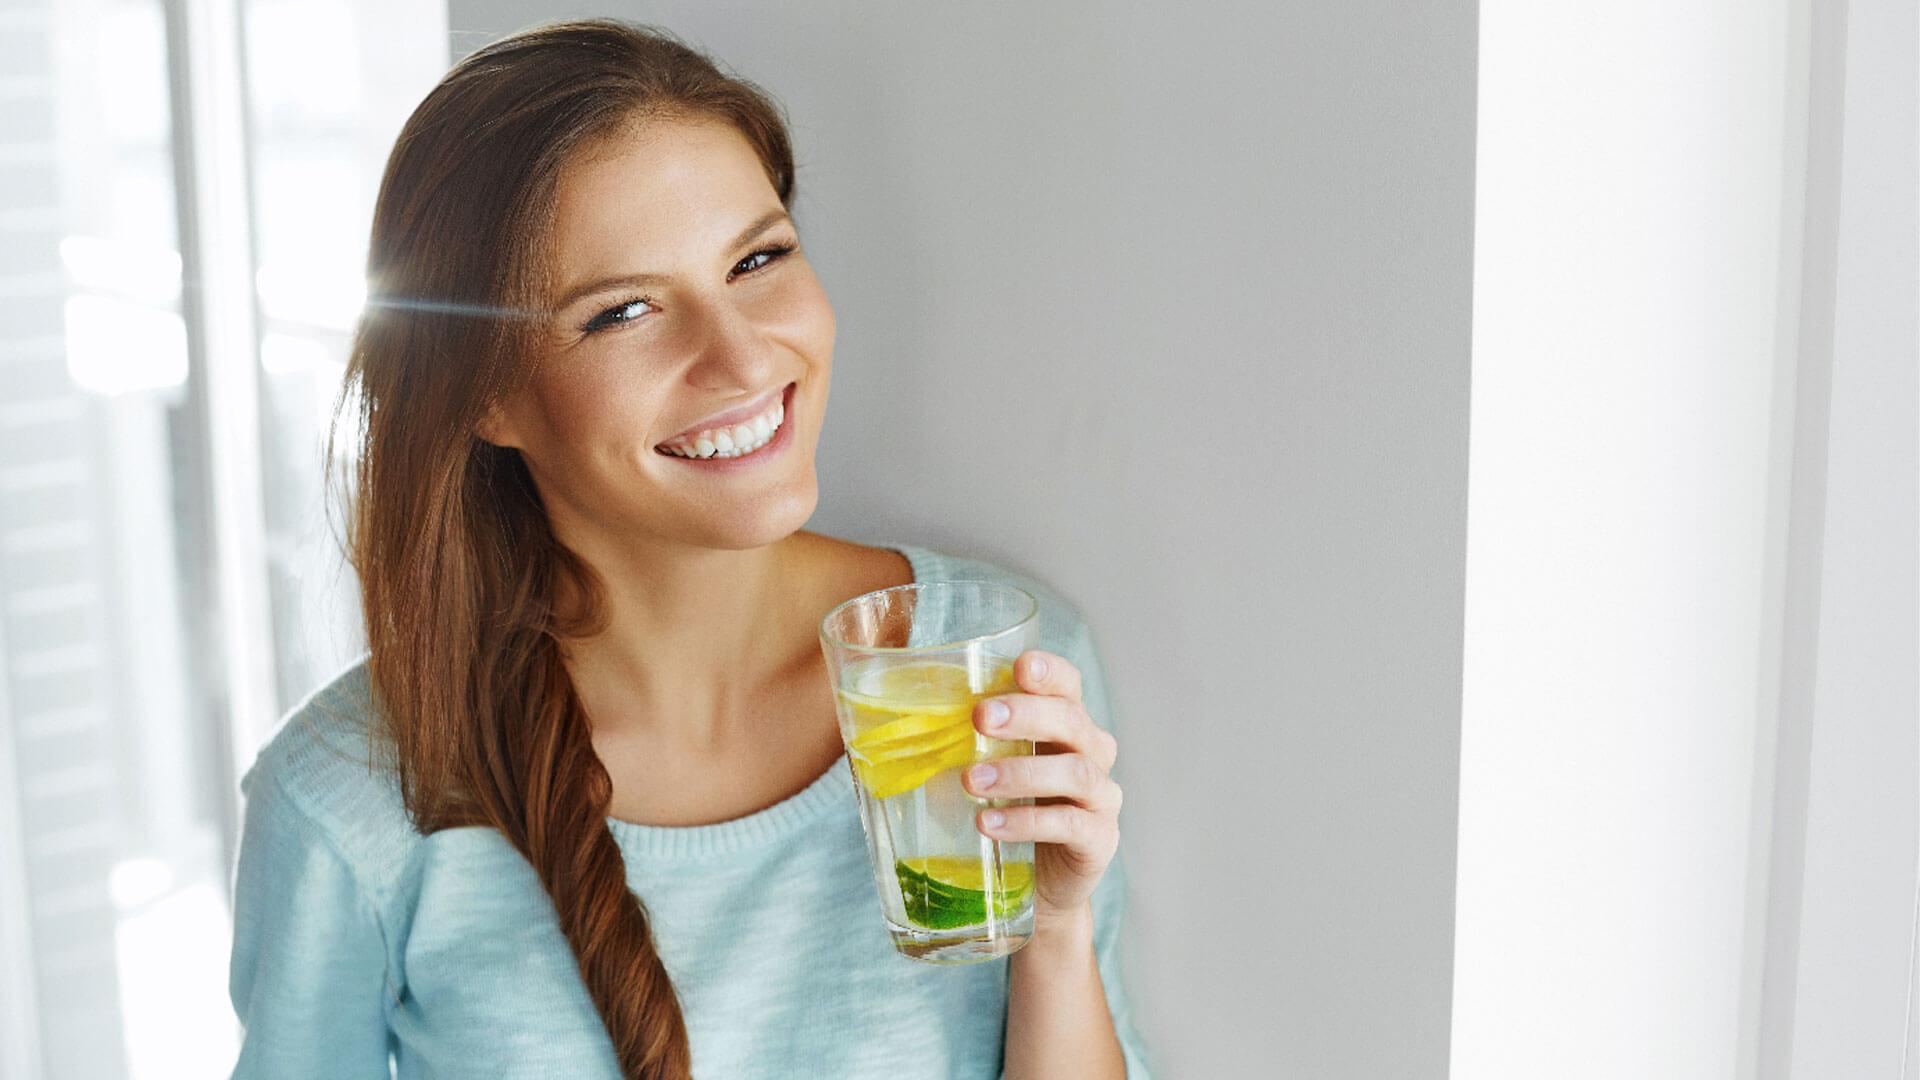 Le bevande detox aiutano l'organismo a restare in forma